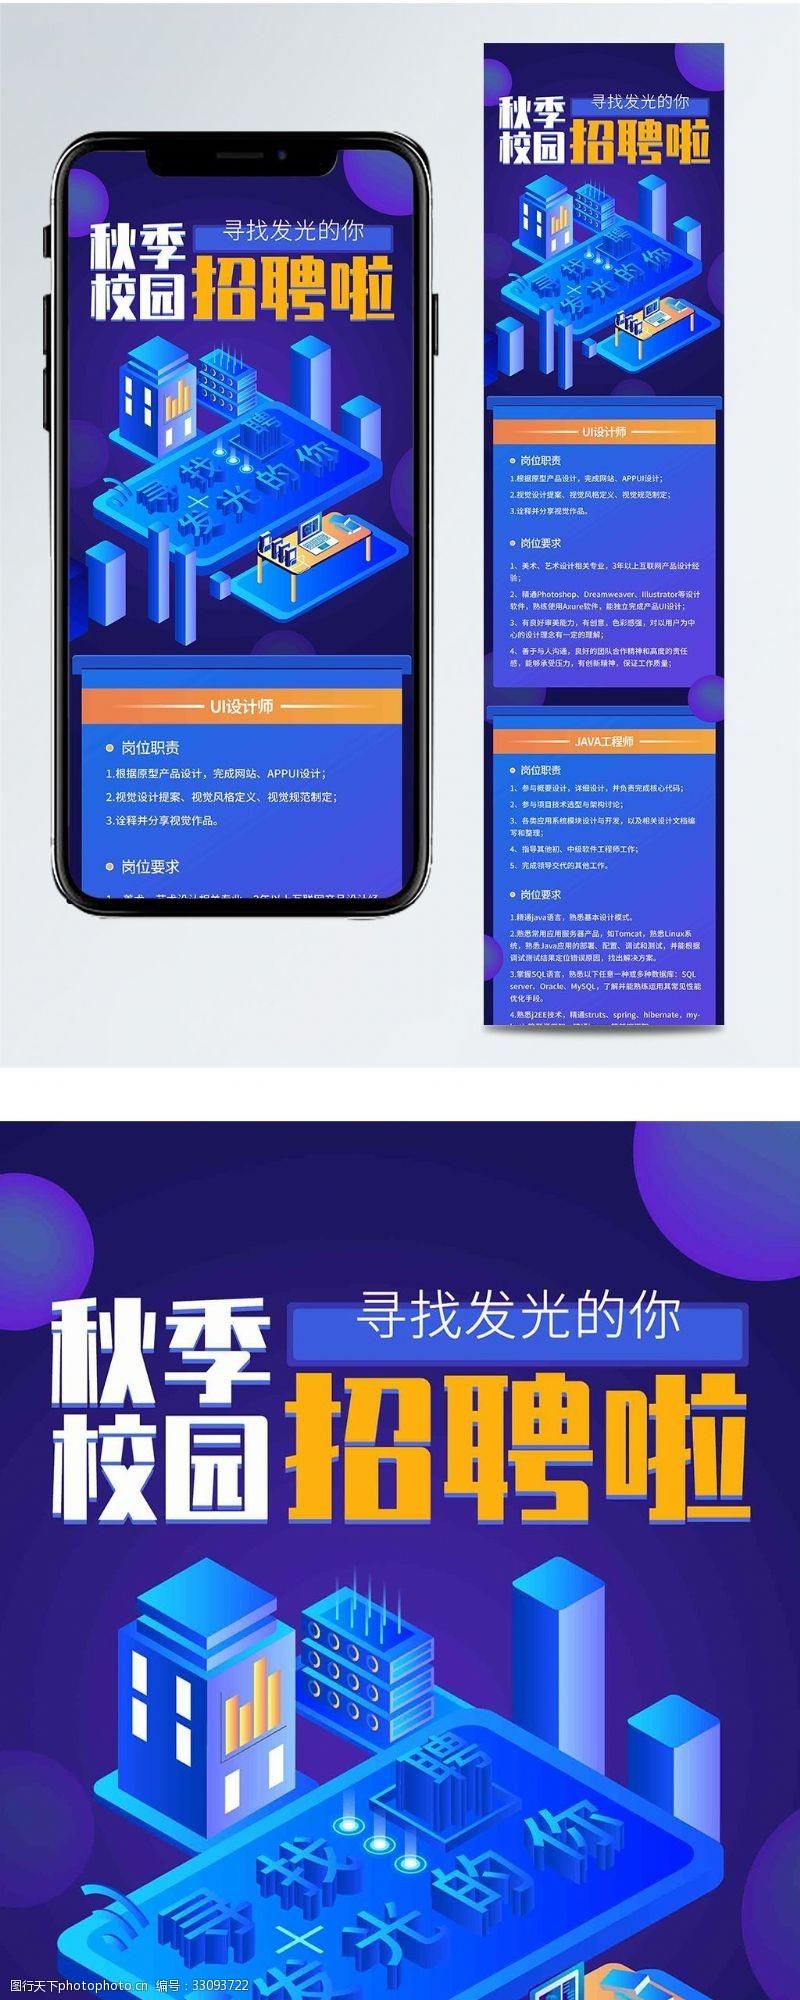 深蓝科技感2.5D秋季校园招聘信息长图